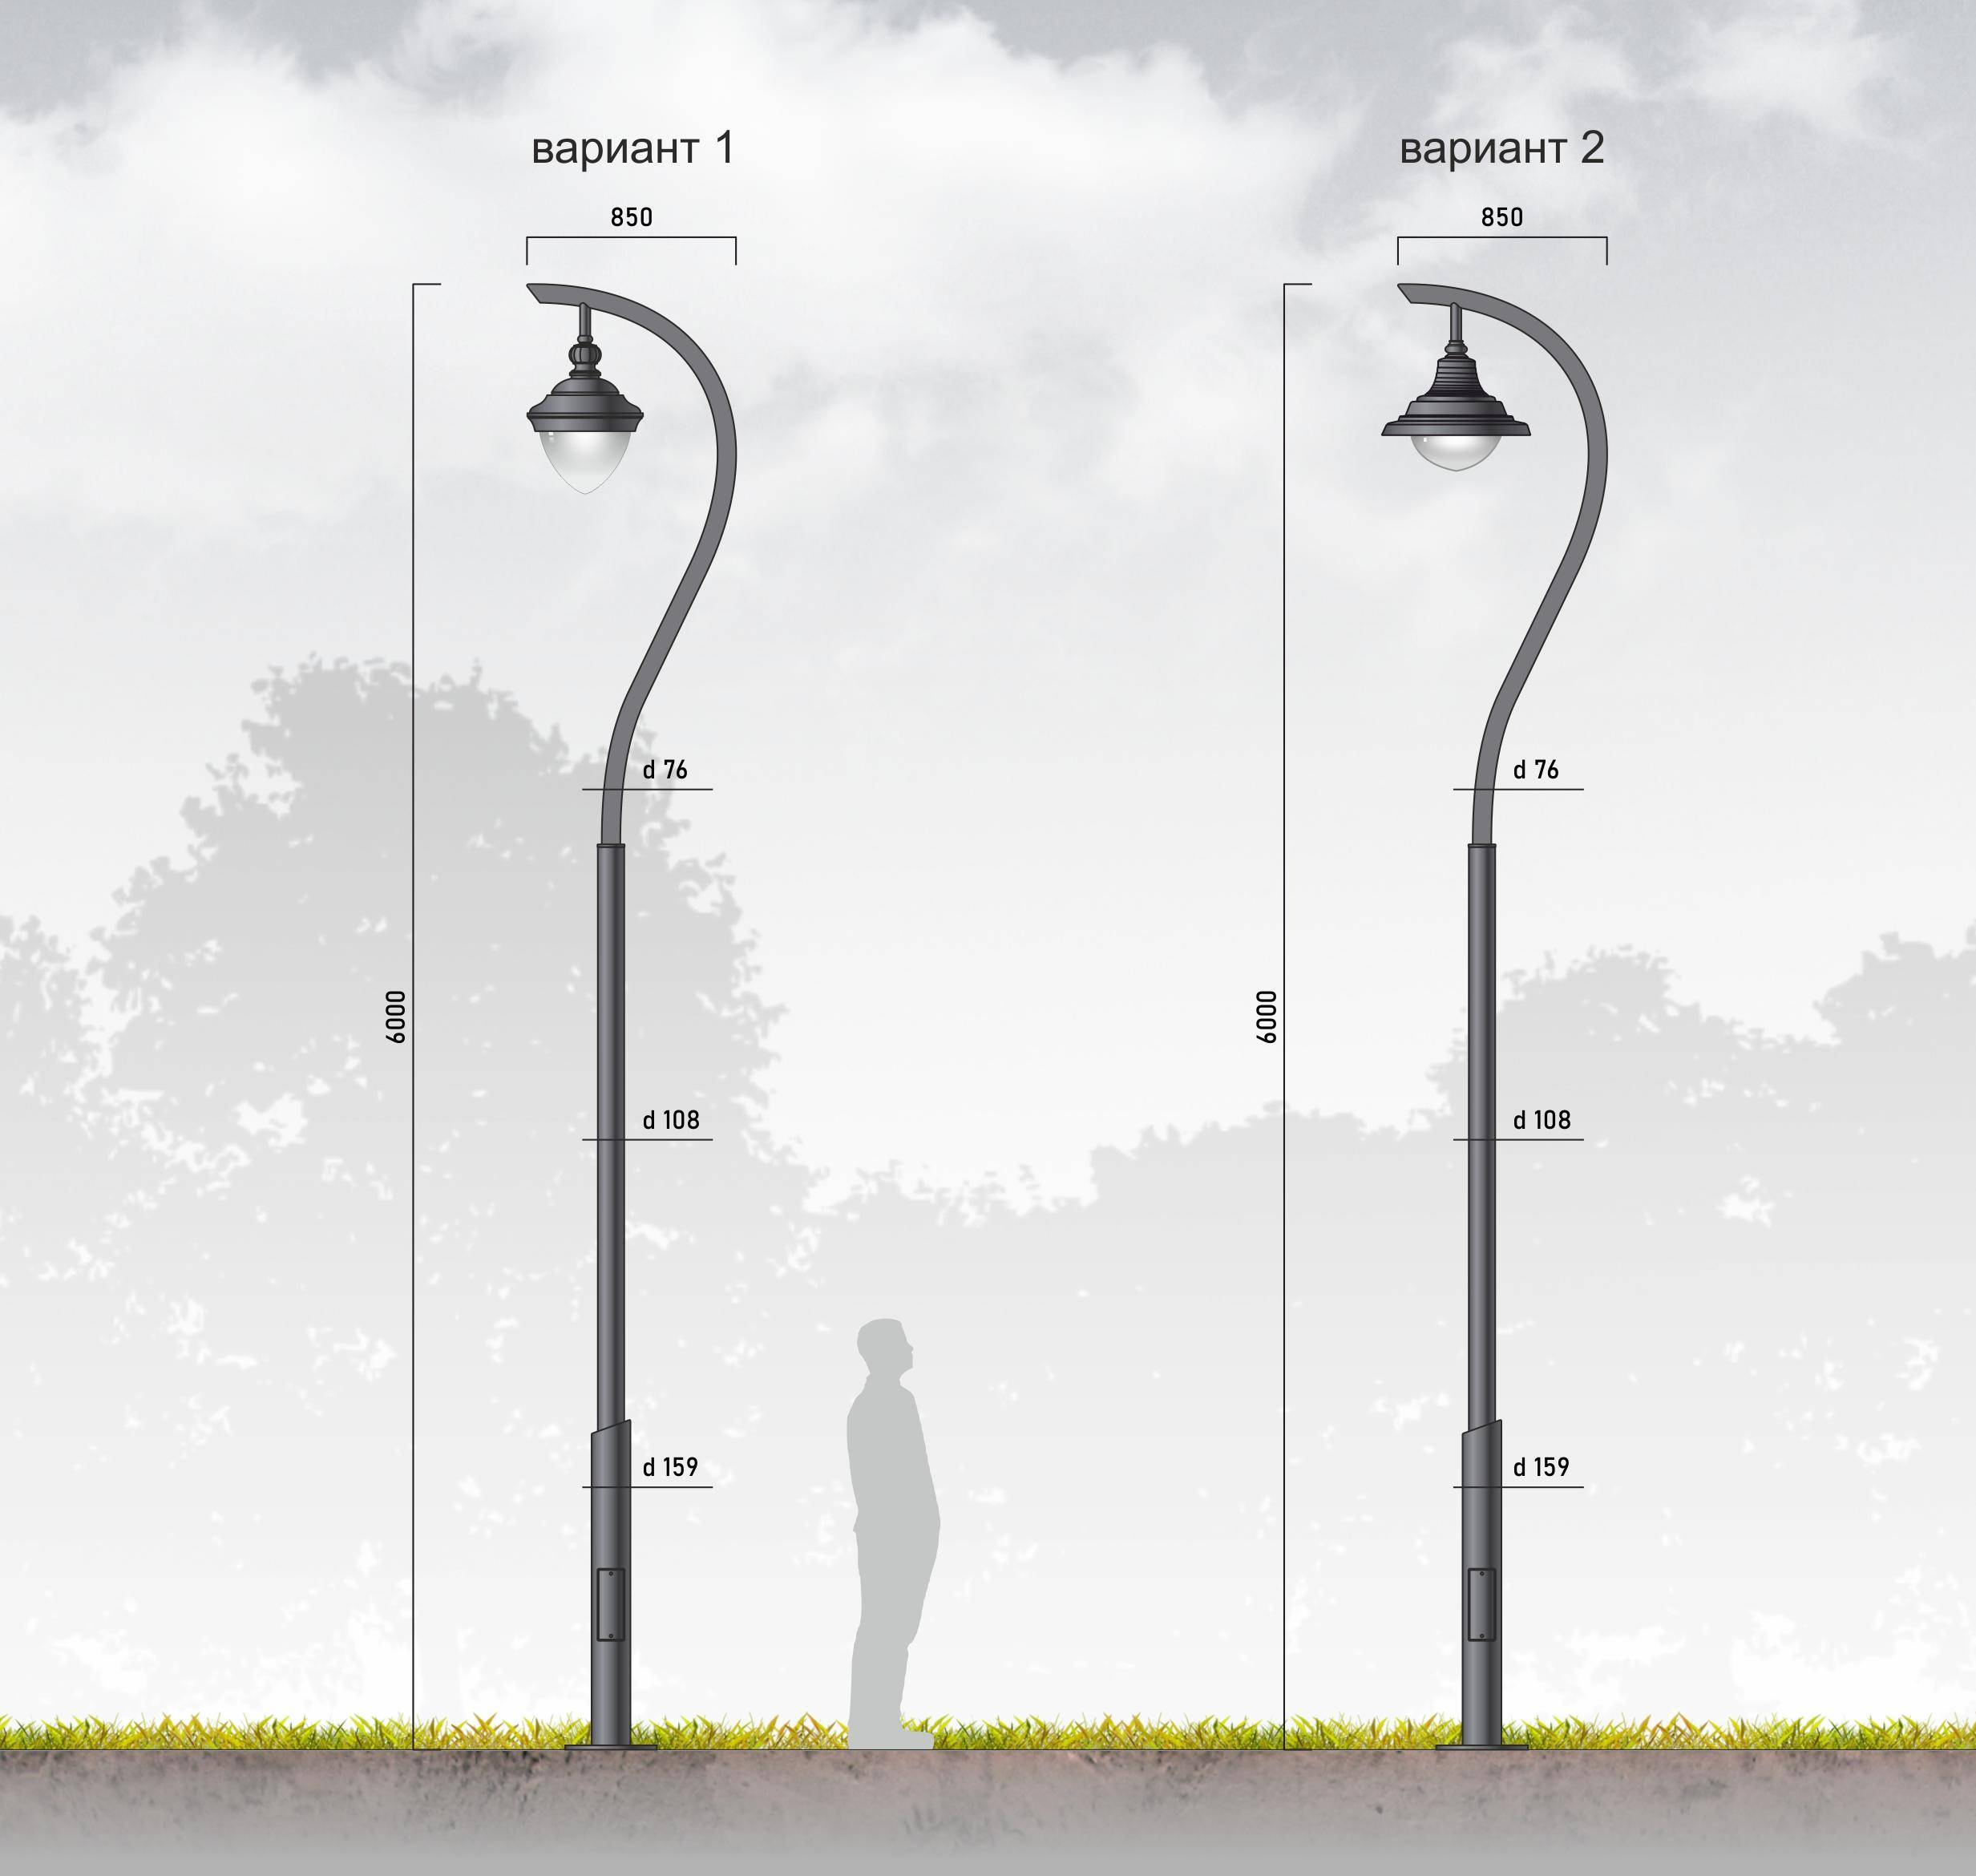 Как выбрать уличный фонарь - идеи как найти лучшую модель. обзор моделей светильников уличного освещения 2019 года